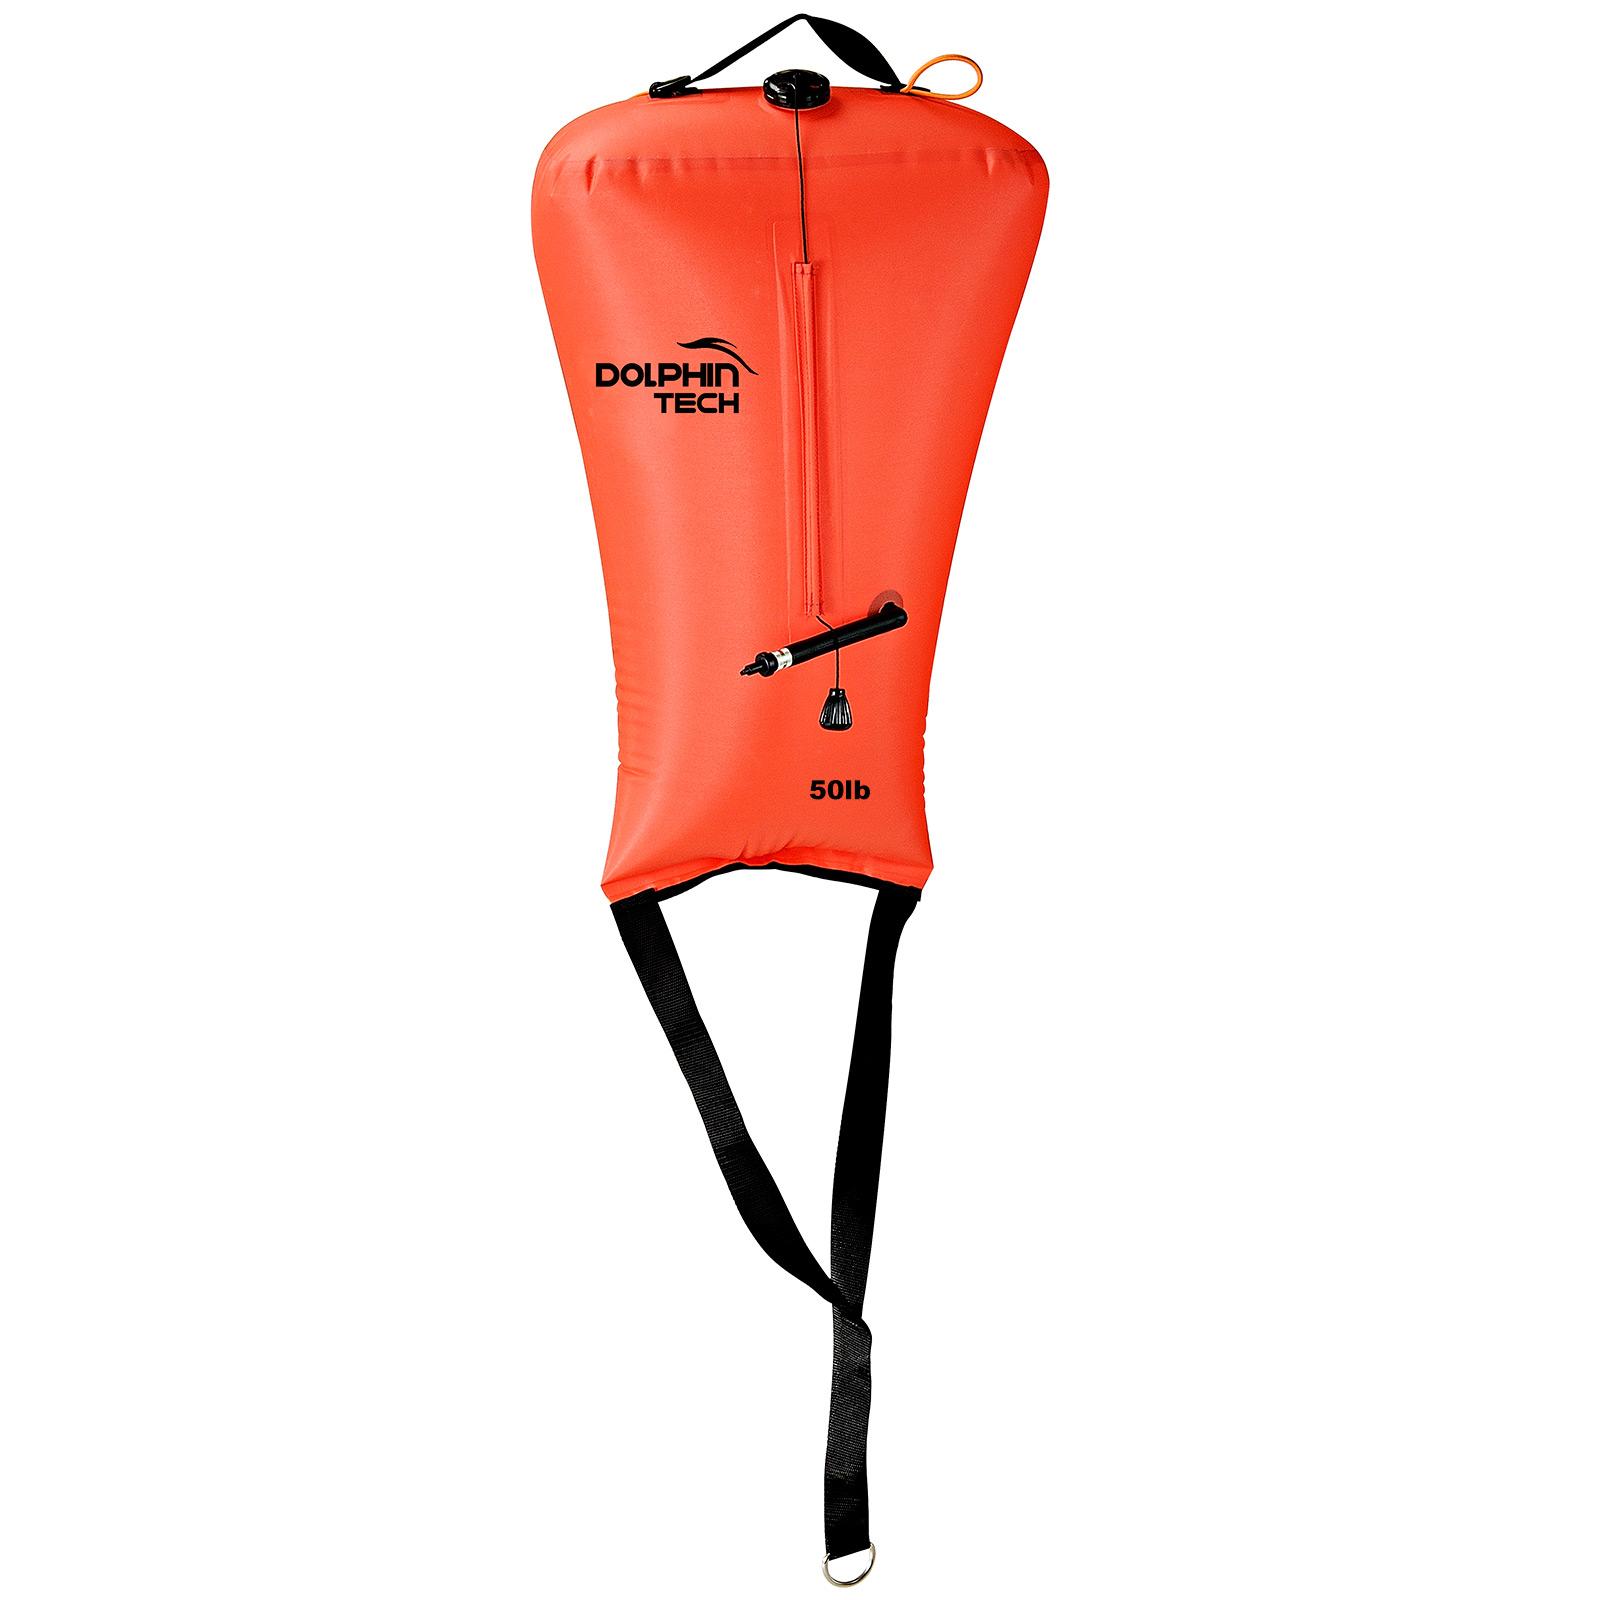 50磅起重浮力袋 (22.7kgf )